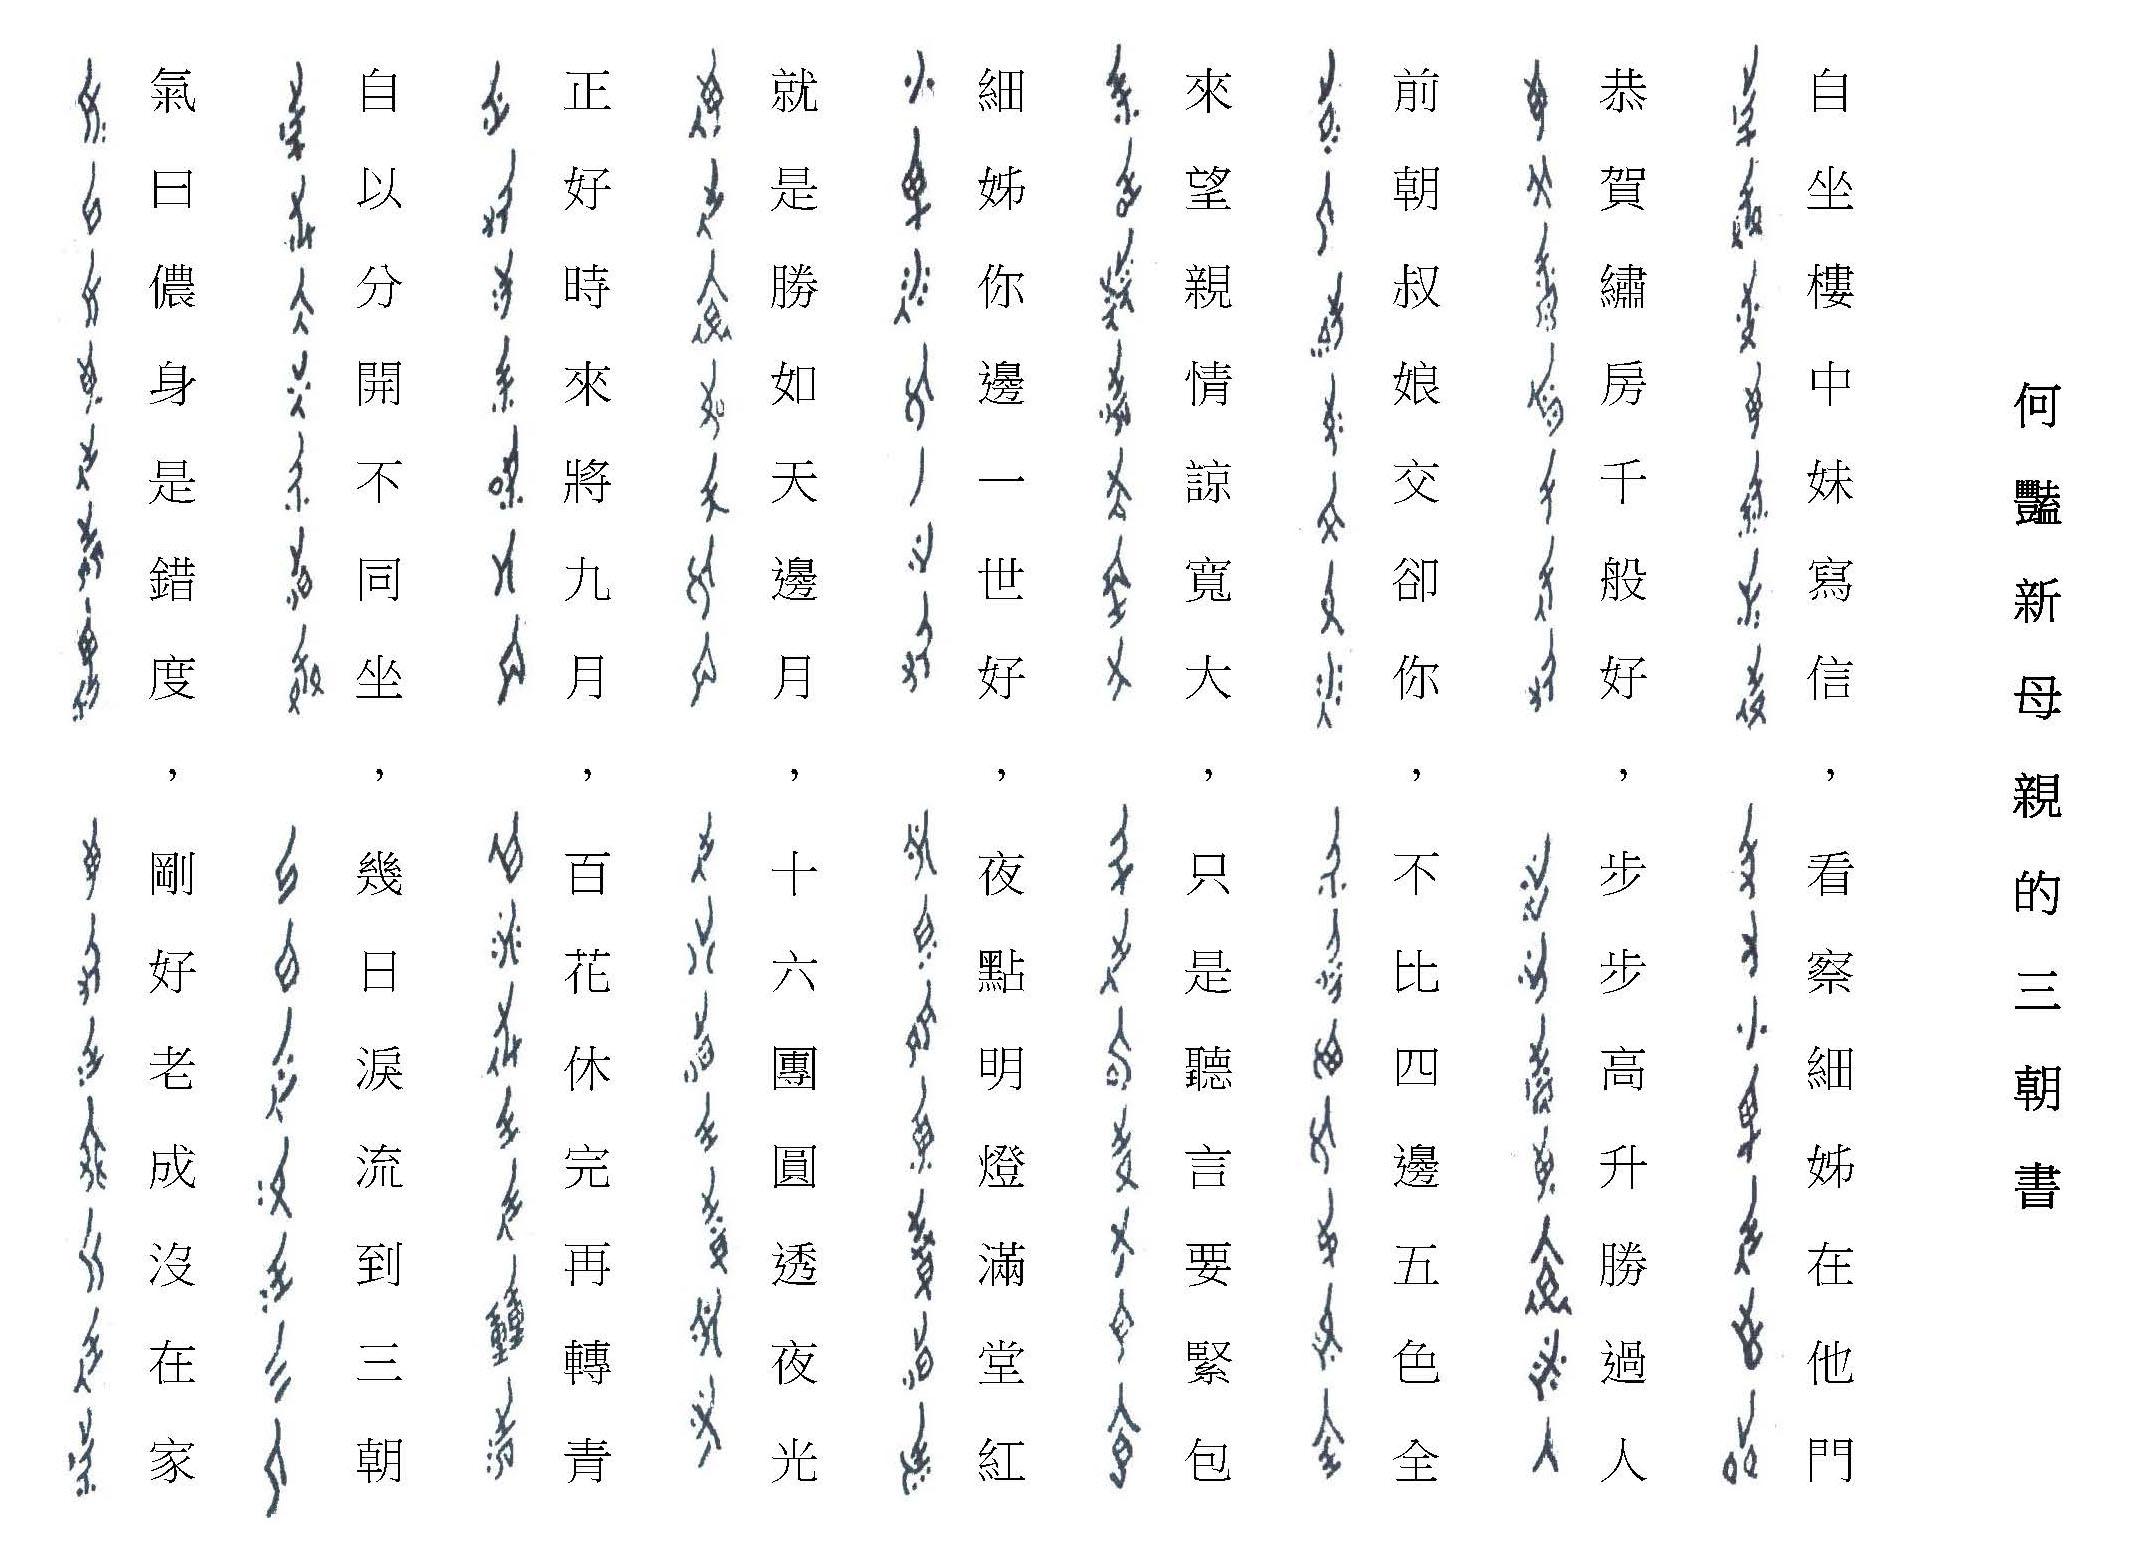 女書與漢字的對照圖片來源│劉斐玟